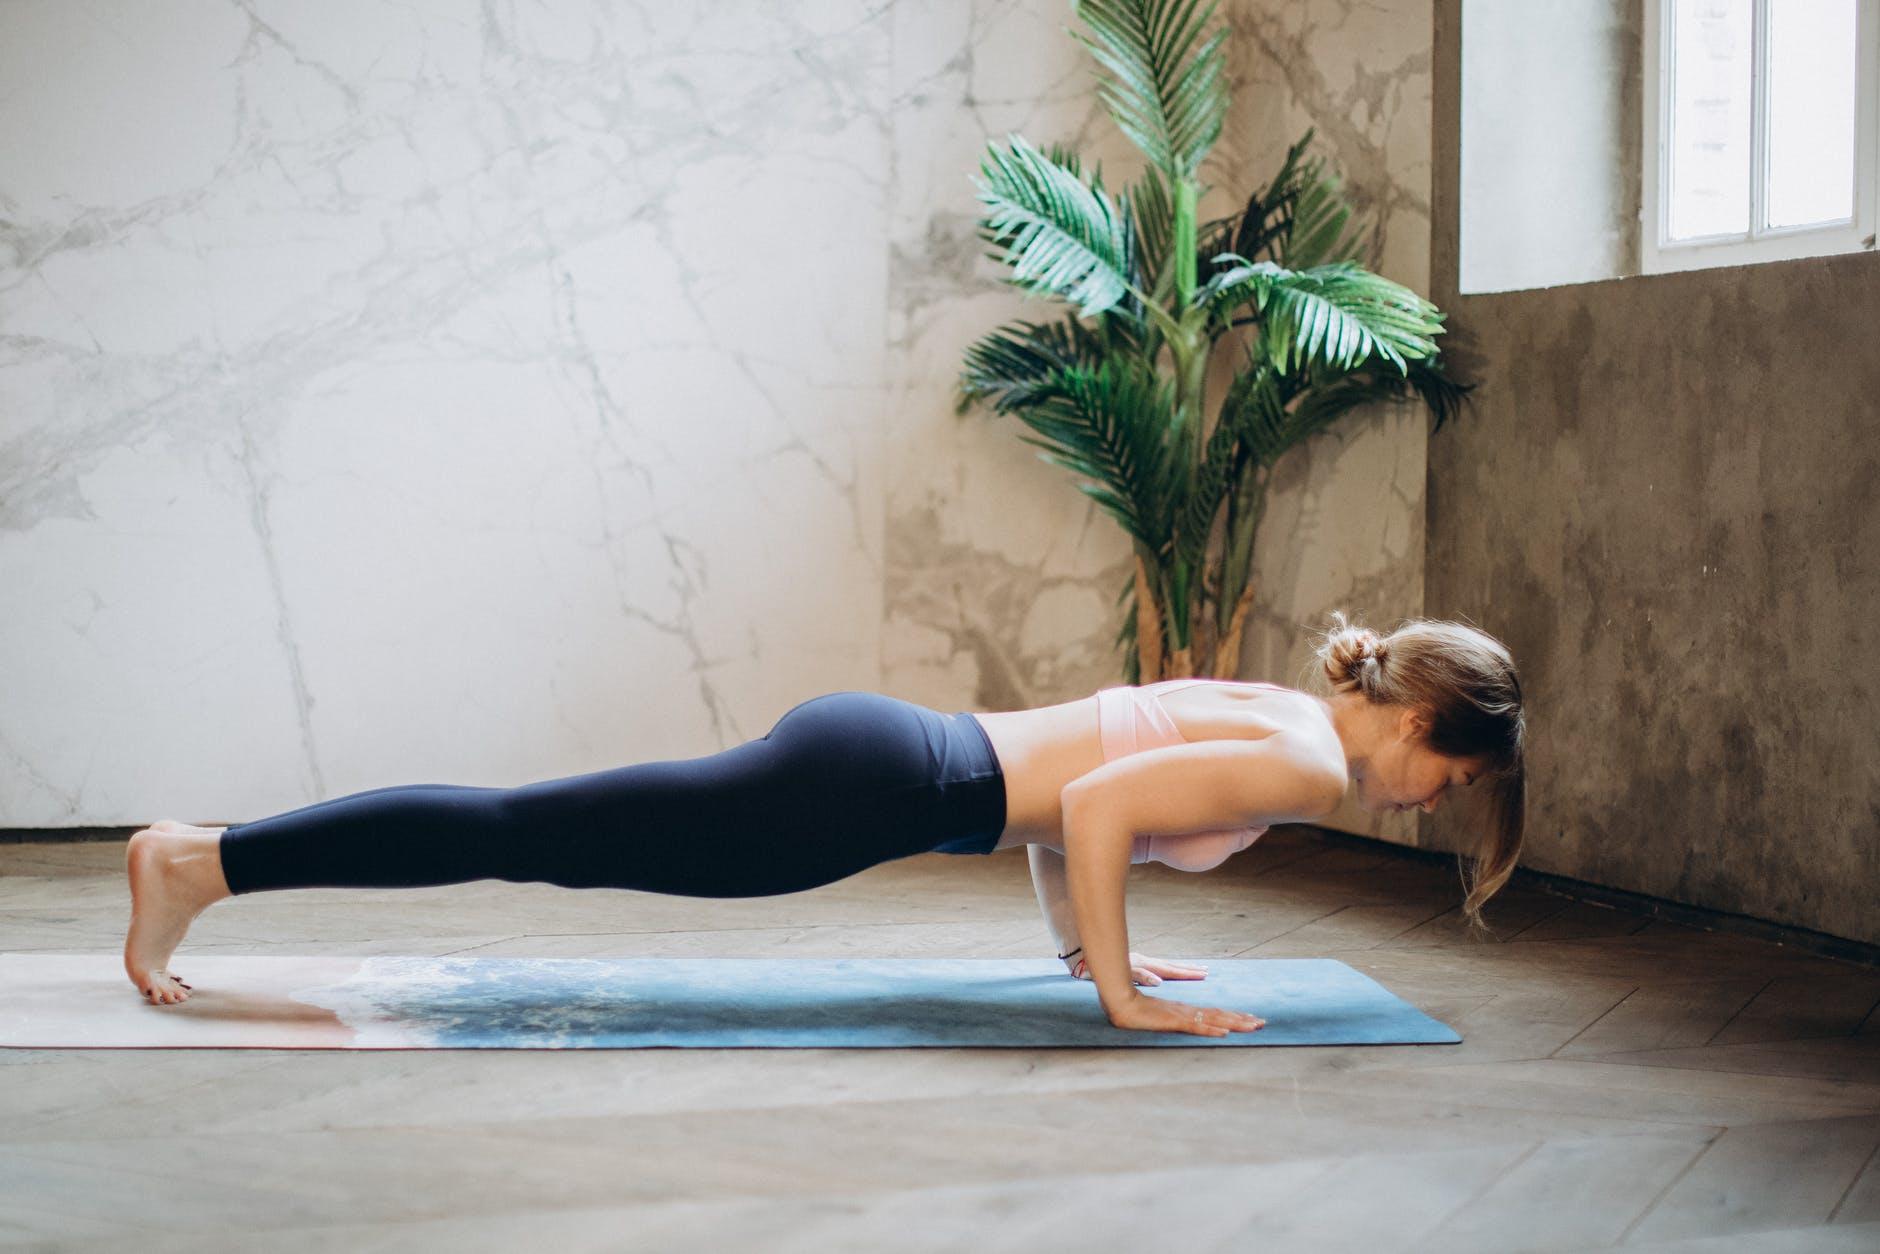 Indoor Green exercise